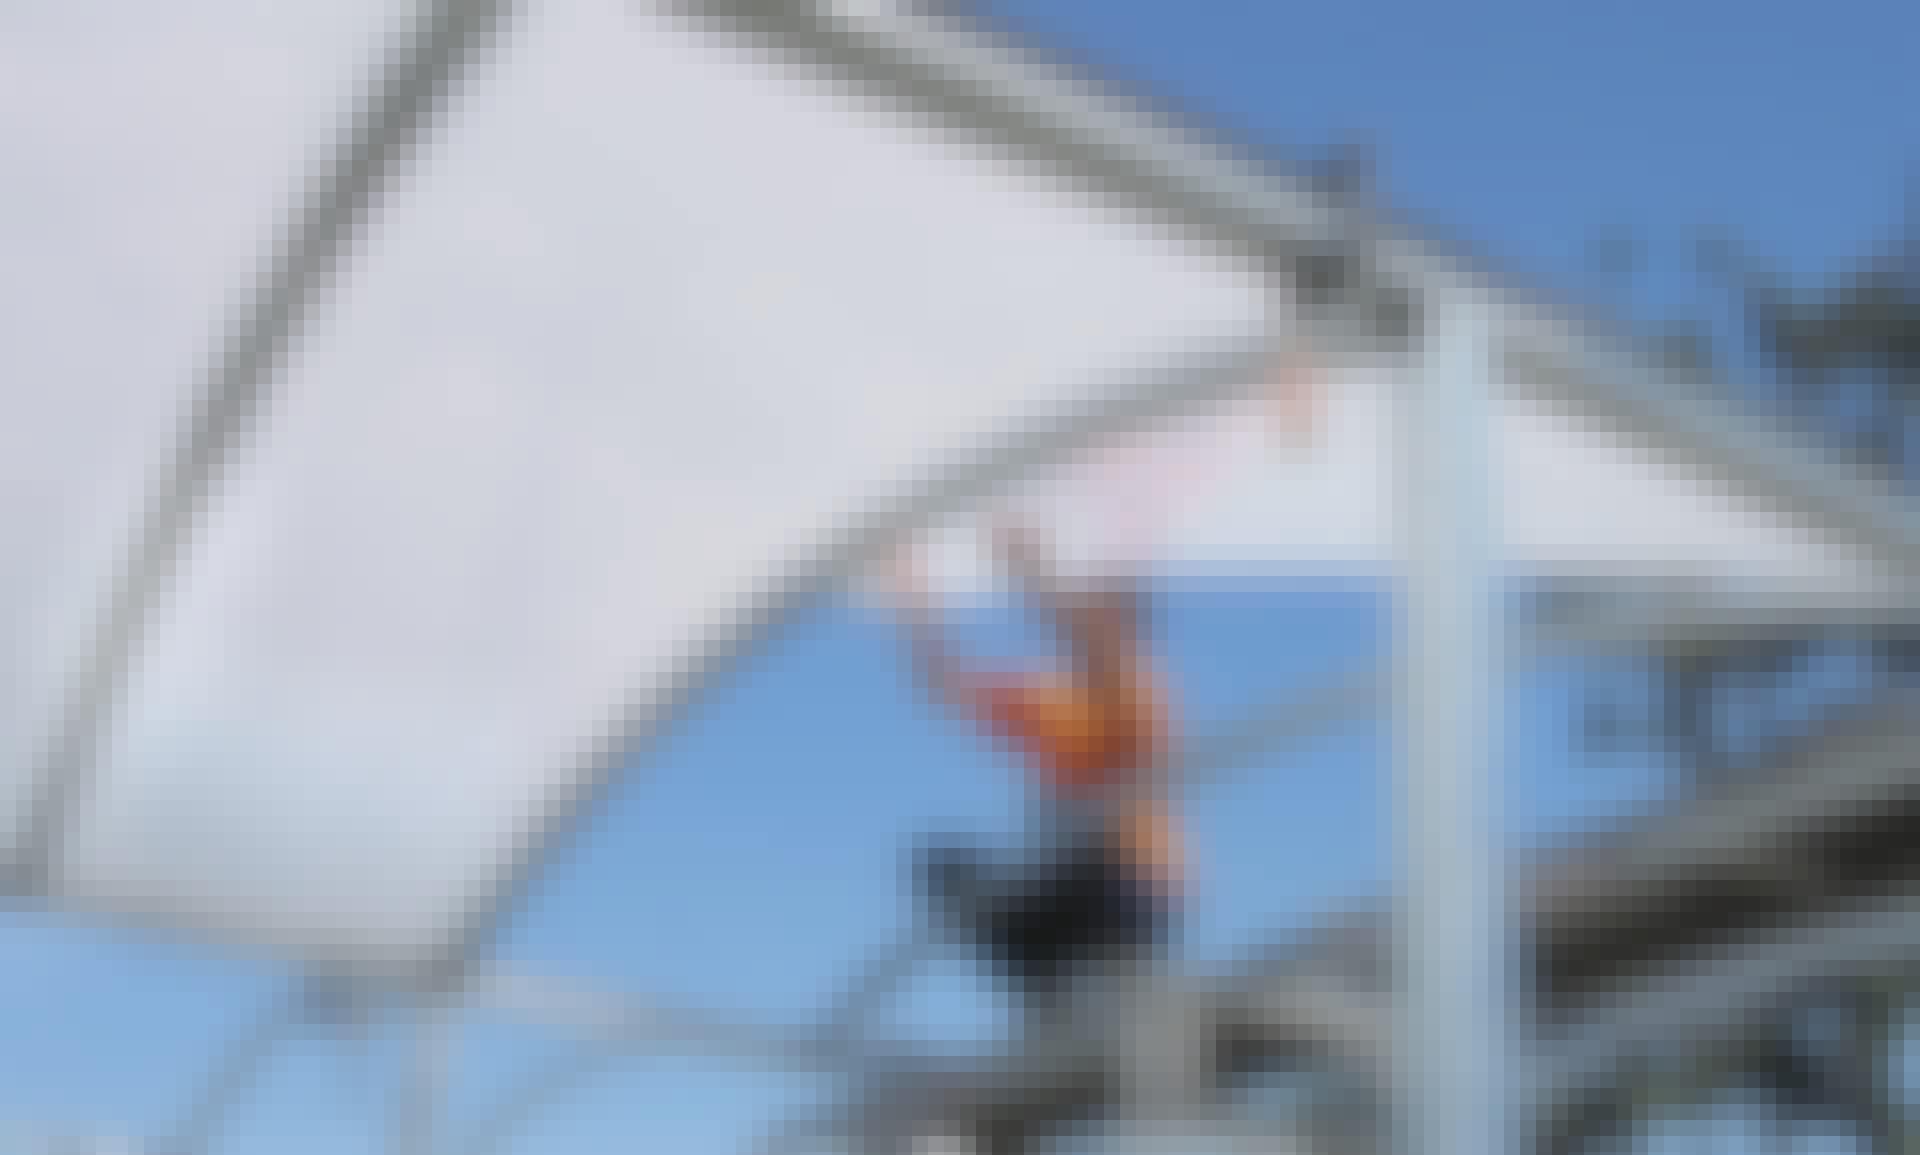 Byg selv en super-carport af galvaniseret stål